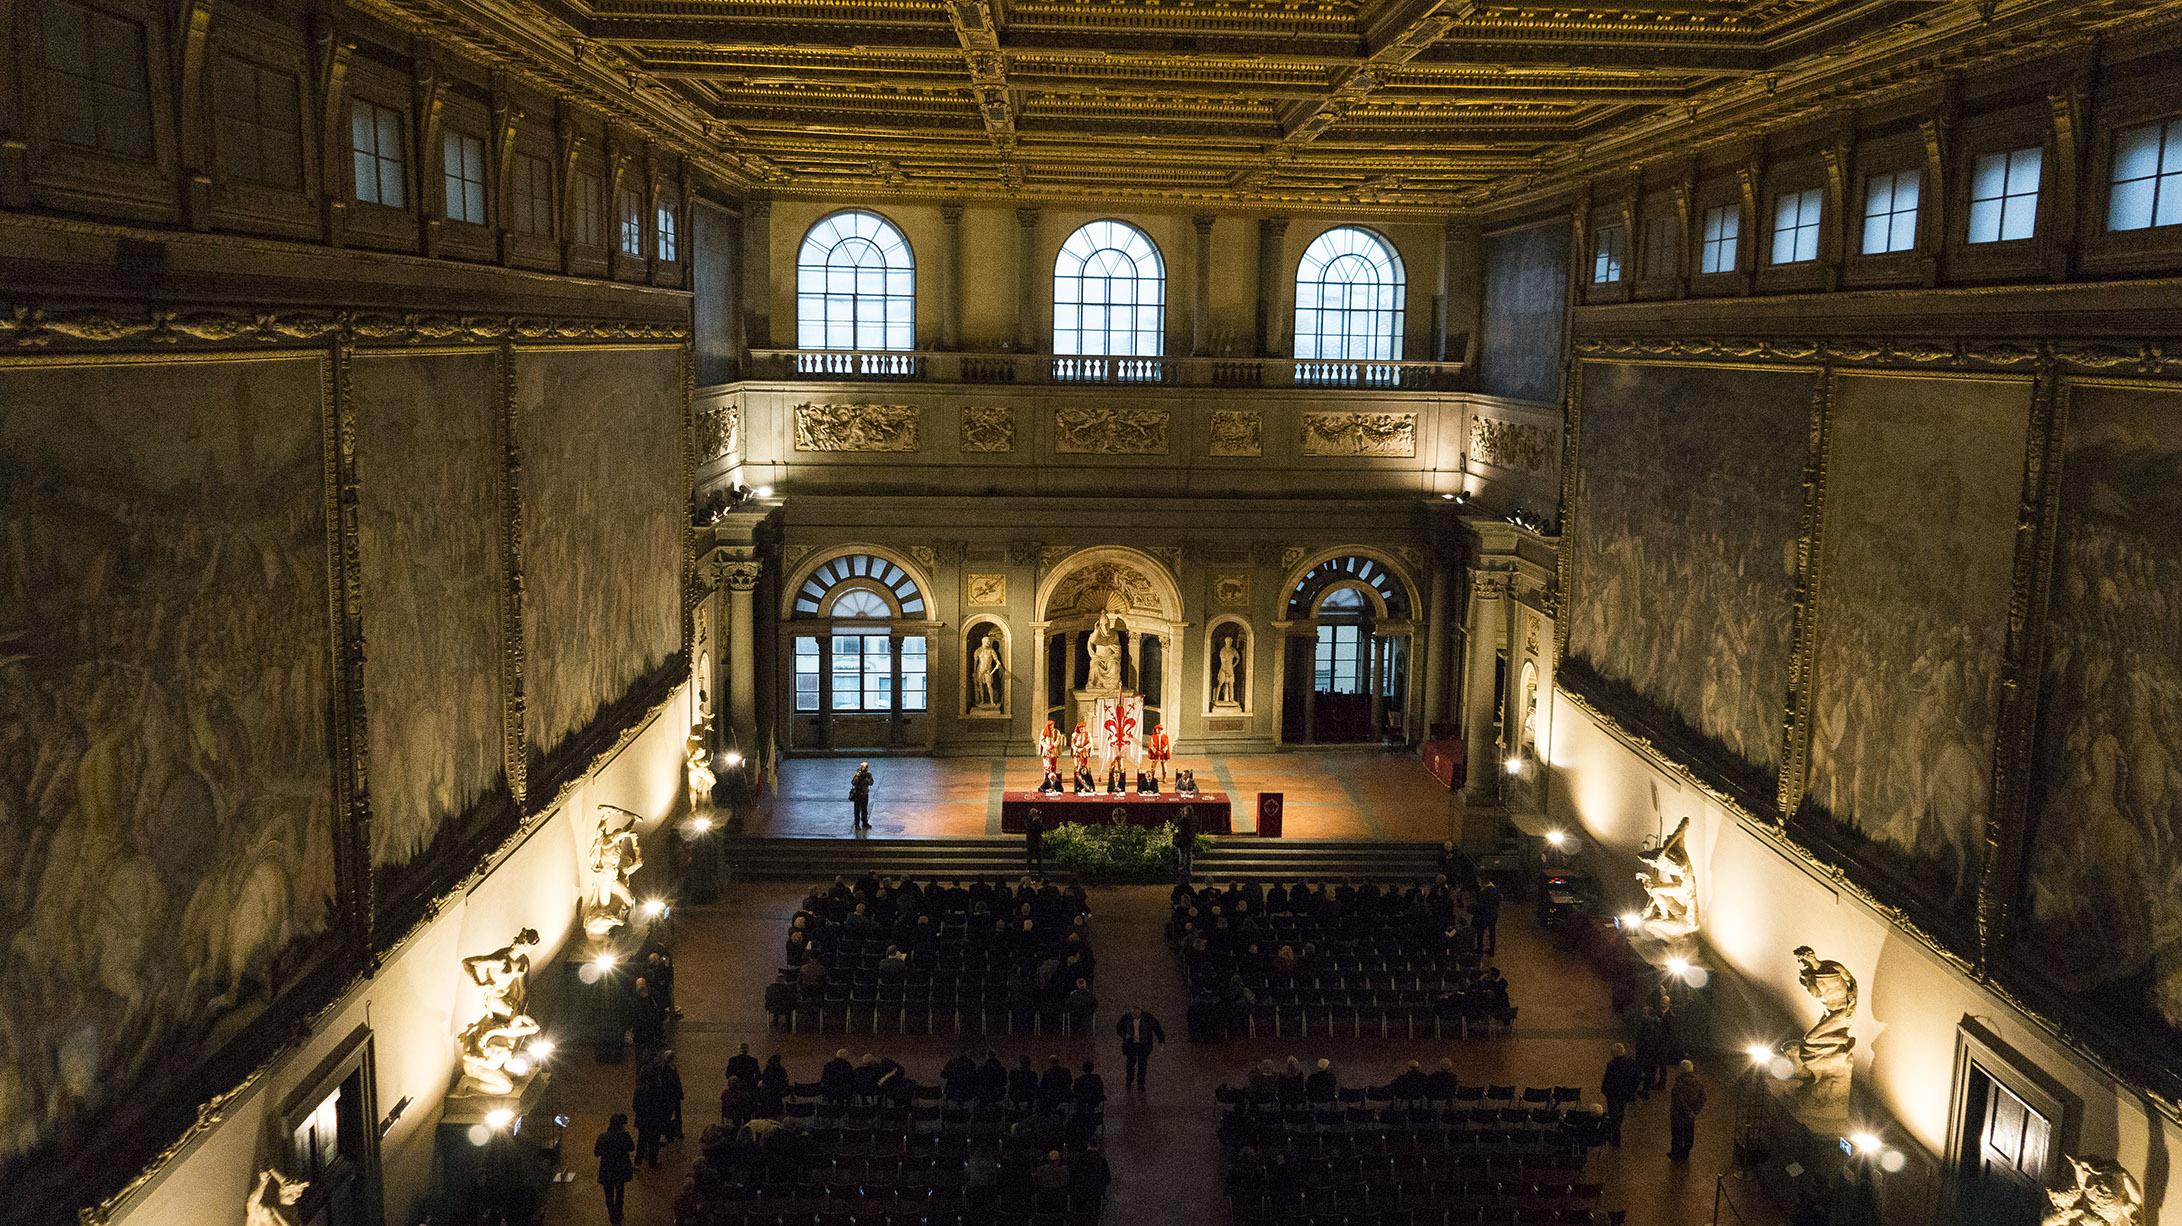 Достопримечательности Флоренции: Зал пятисот